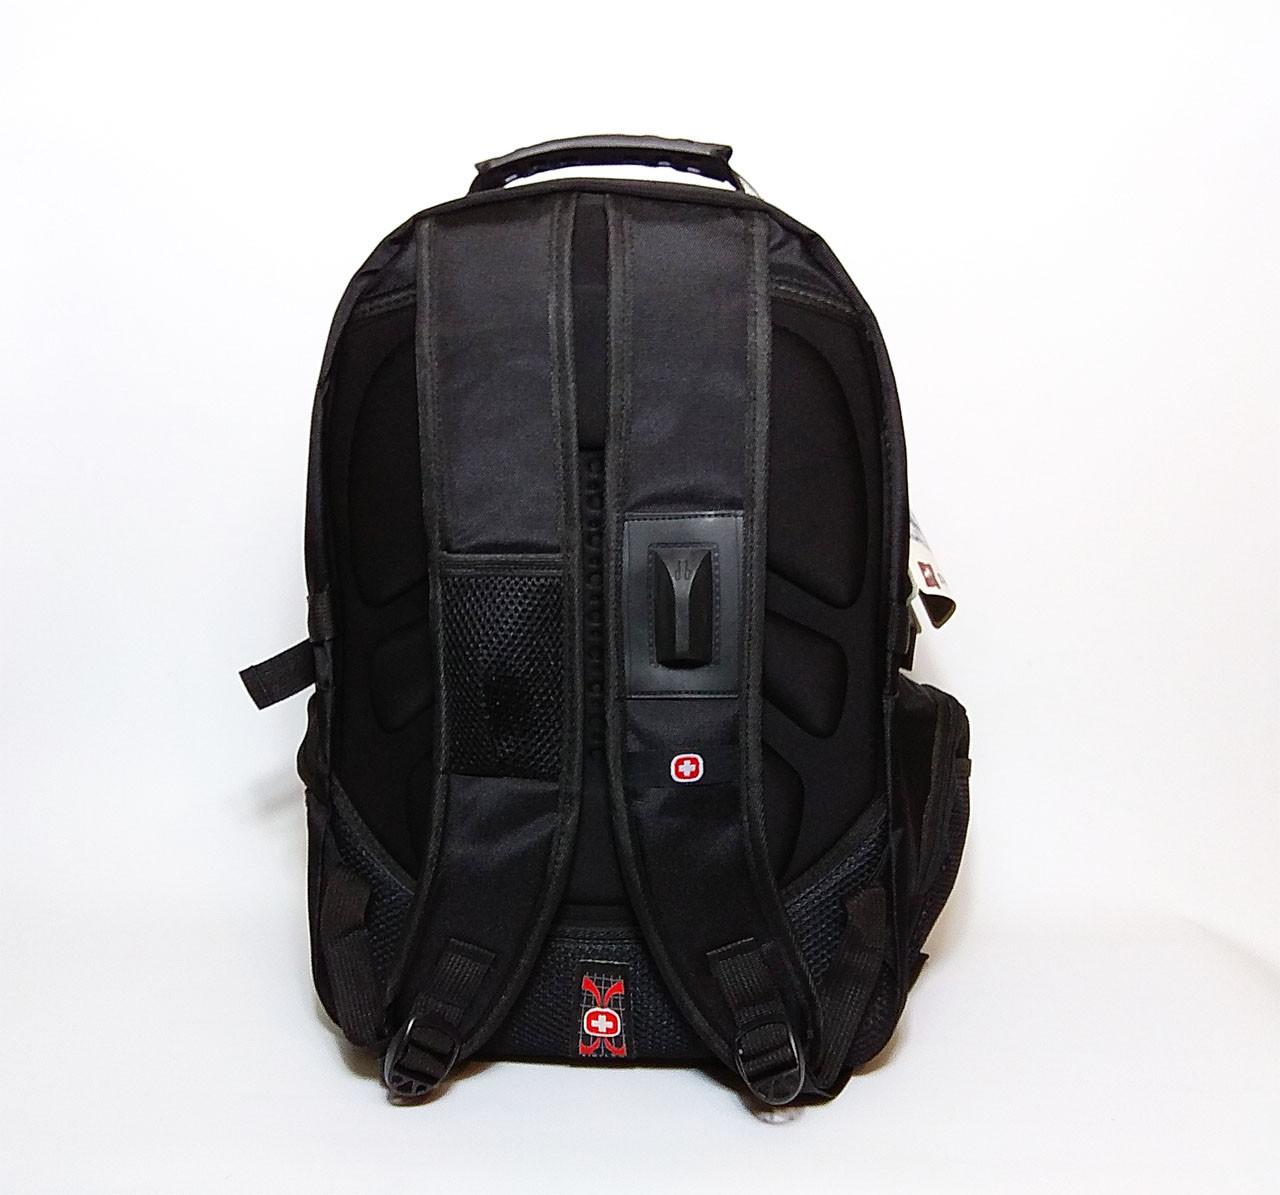 Вместительный большой рюкзак SwissGear, свисгир. Черный. На 35Л